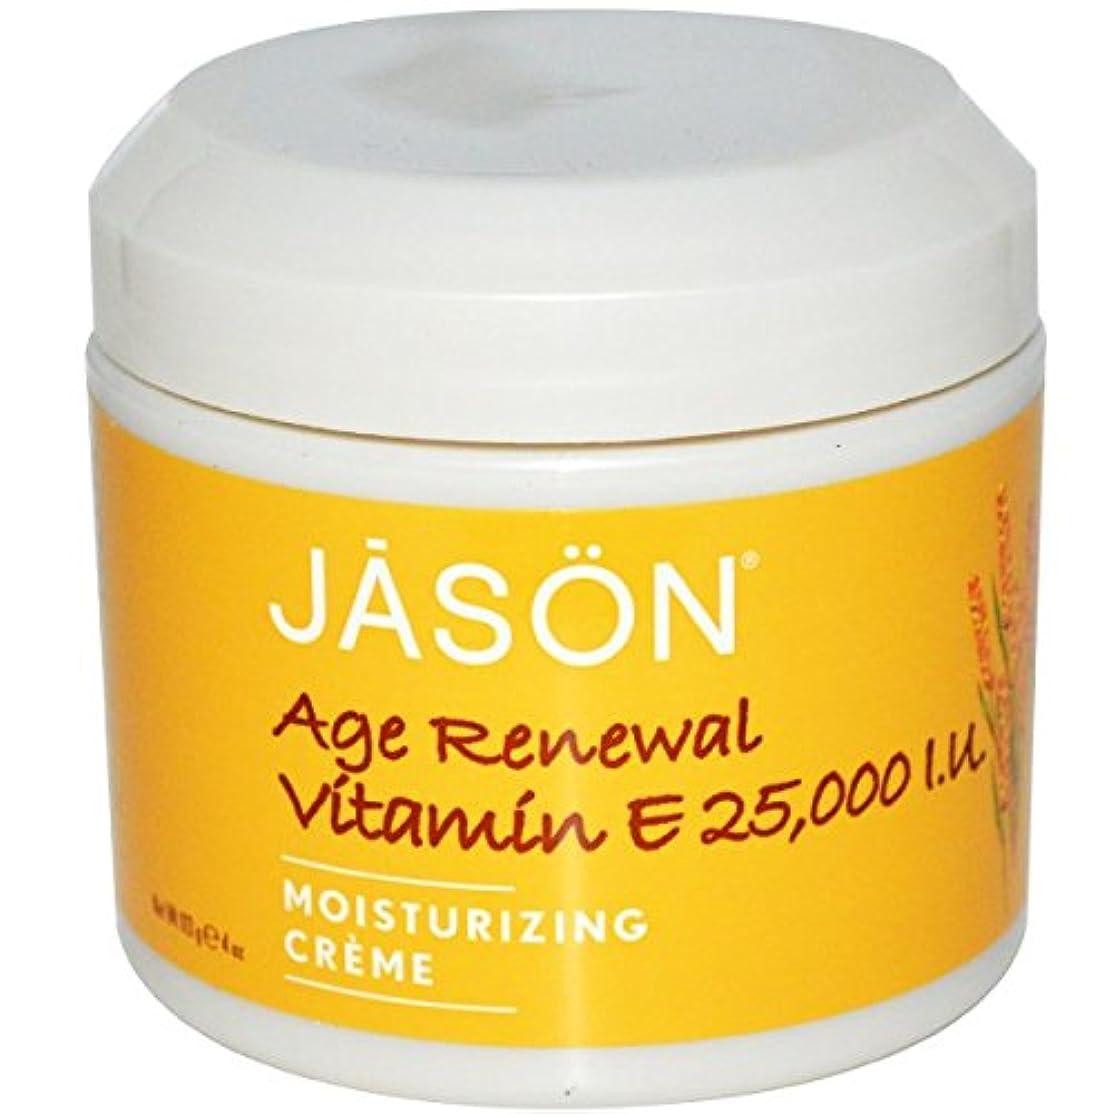 人口やりすぎゴール[海外直送品] ジェイソンナチュラル(Jason Natural) 25,000 IU ビタミンE エイジリニューアルクリーム 113g